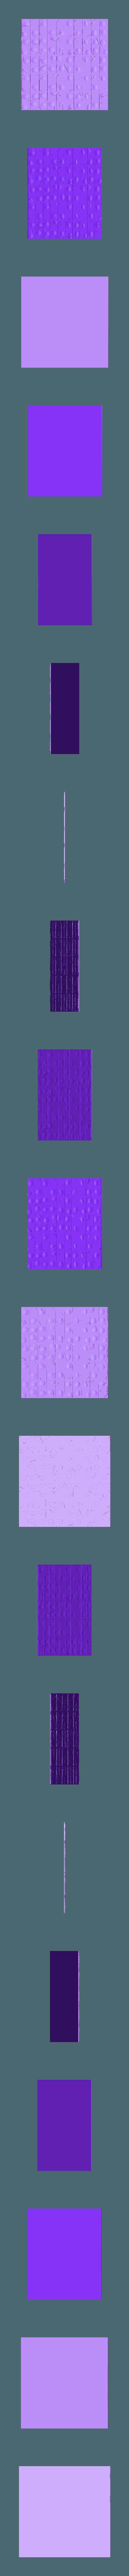 5X5_minimal_stone_floor.stl Download free STL file Minimalist Flooring • 3D printer template, mrhers2